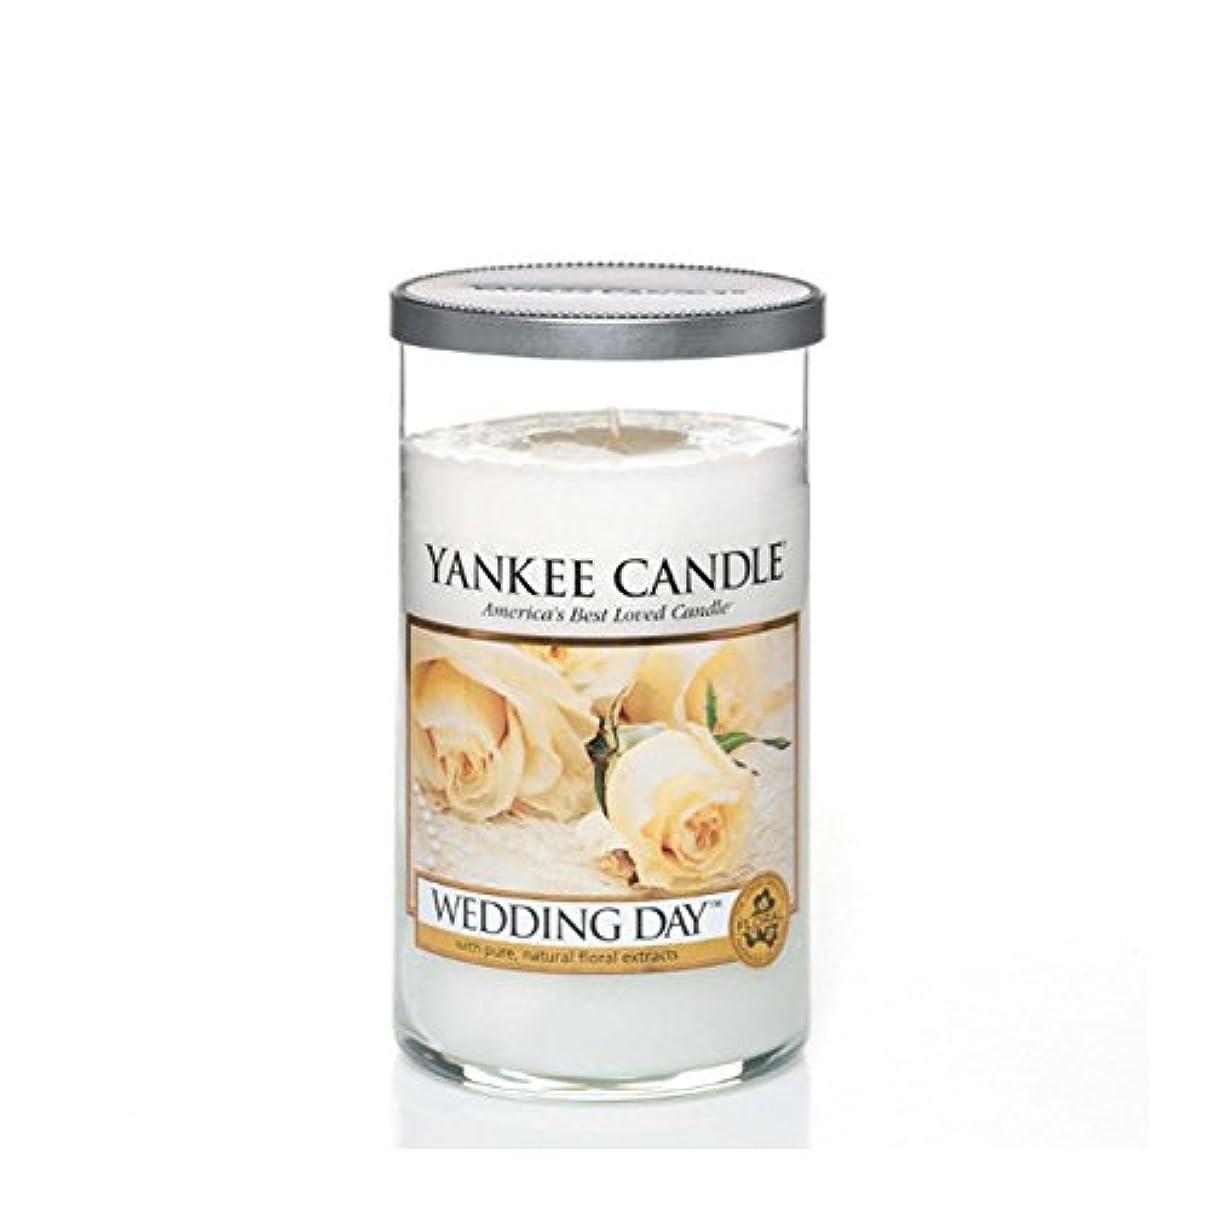 接続詞クレアスノーケルヤンキーキャンドルメディアピラーキャンドル - 結婚式の日 - Yankee Candles Medium Pillar Candle - Wedding Day (Yankee Candles) [並行輸入品]